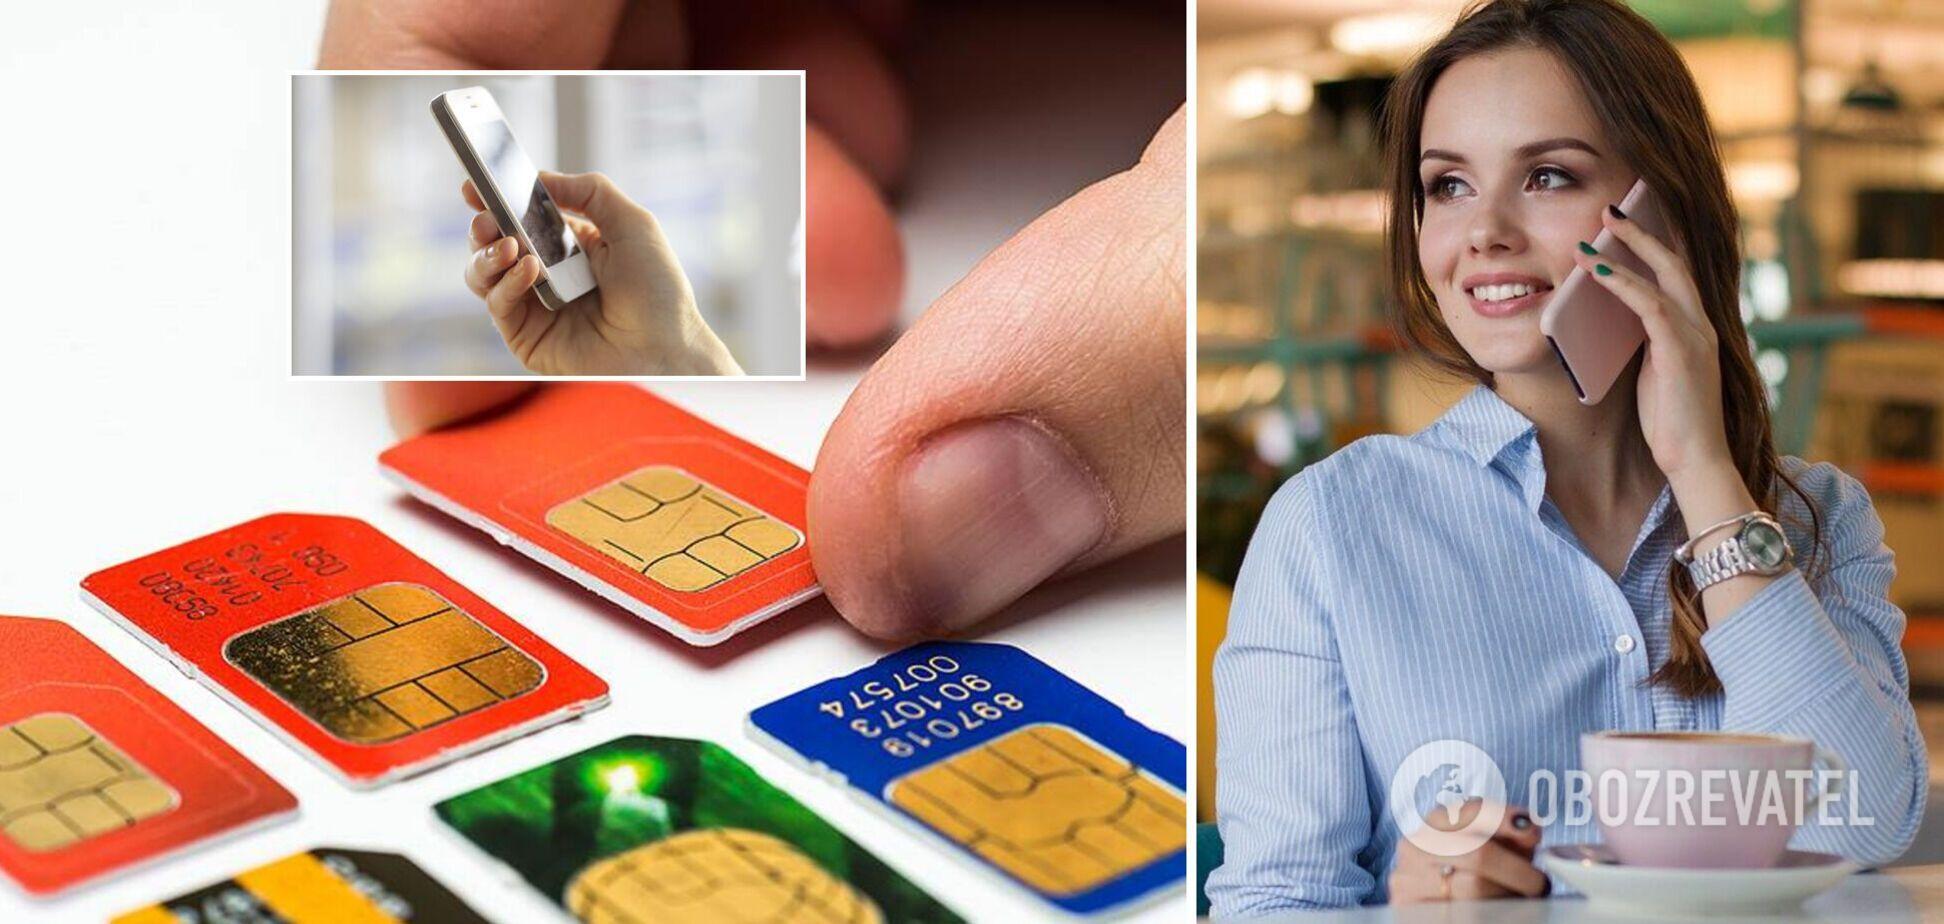 В Україні стане менше смартфонів, а номер мобільного видаватимуть за договором: нардеп розповів деталі